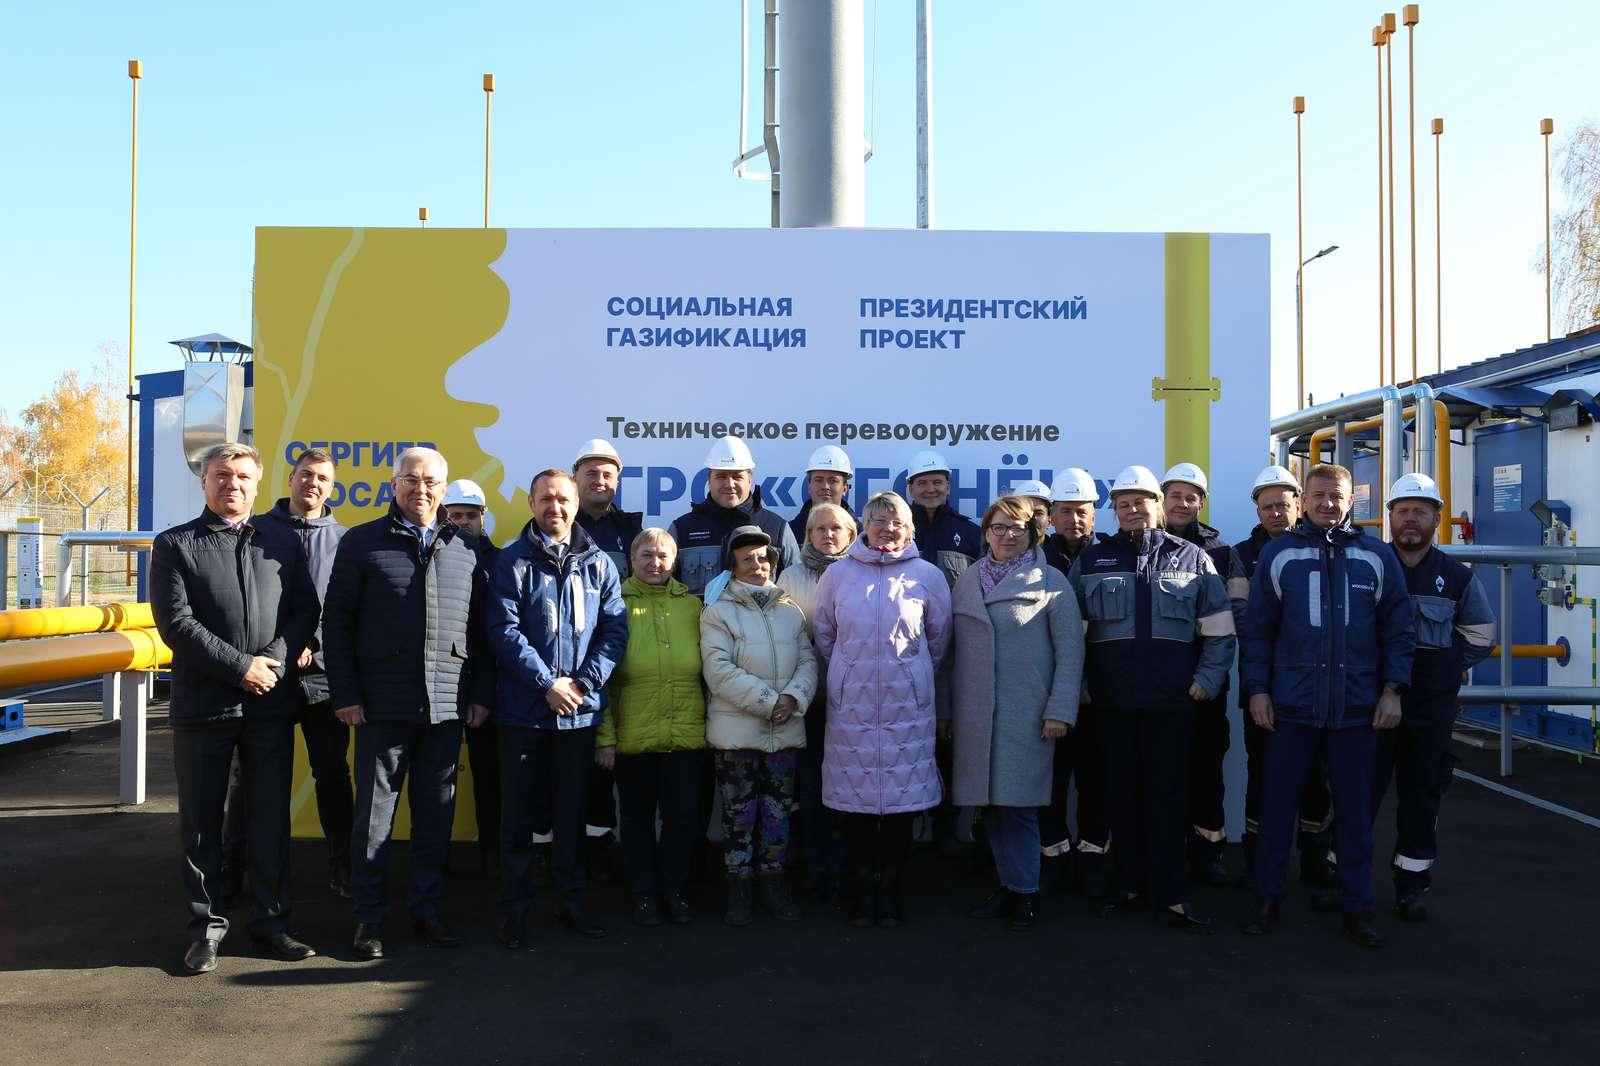 Обновленная ГРС «Огонек» в Сергиевом Посаде обеспечит газом свыше 5 тысяч жителей | Изображение 3